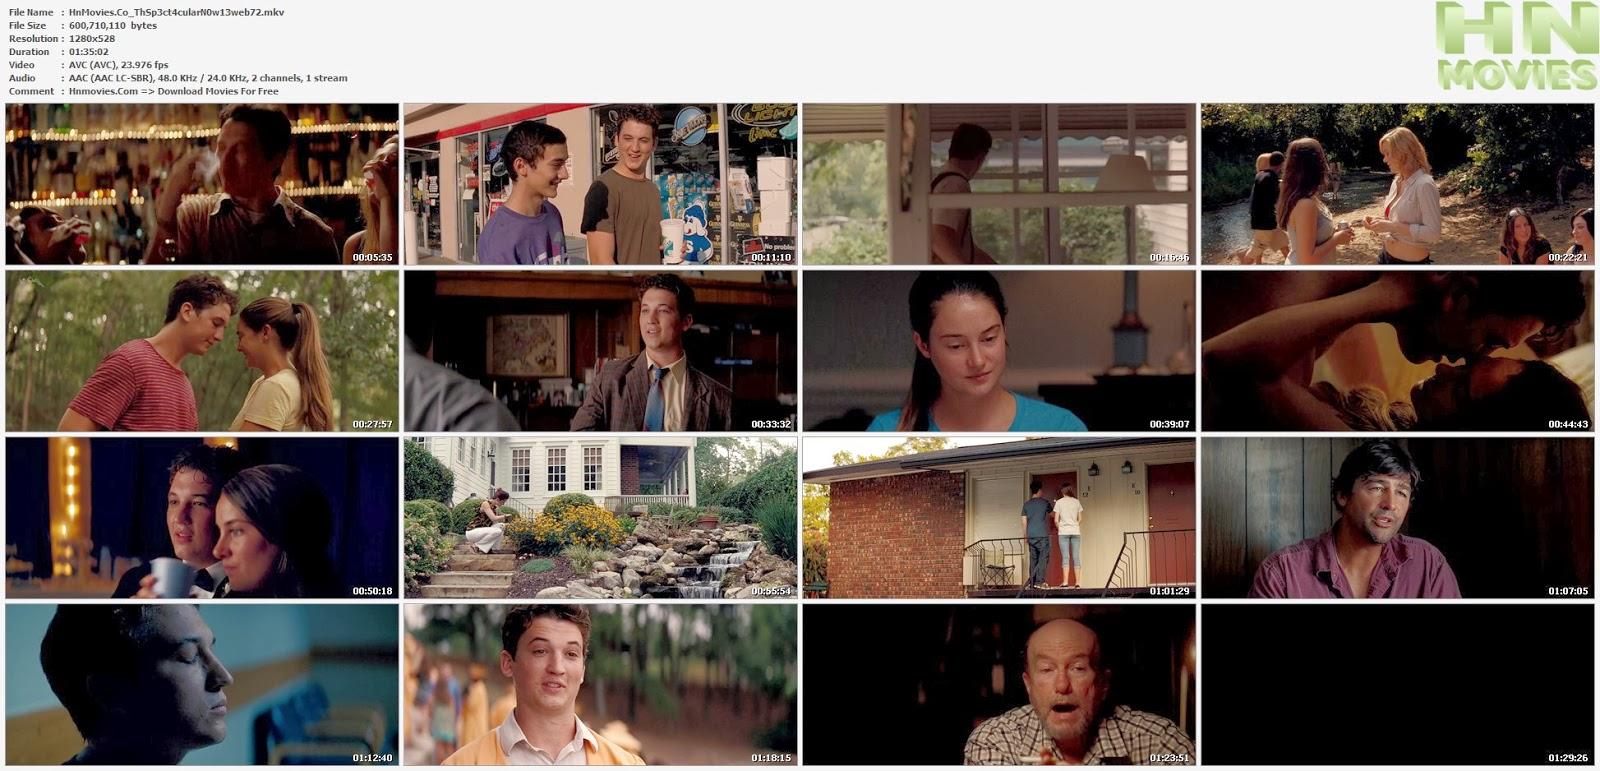 movie screenshot of The Spectacular Now fdmovie.com